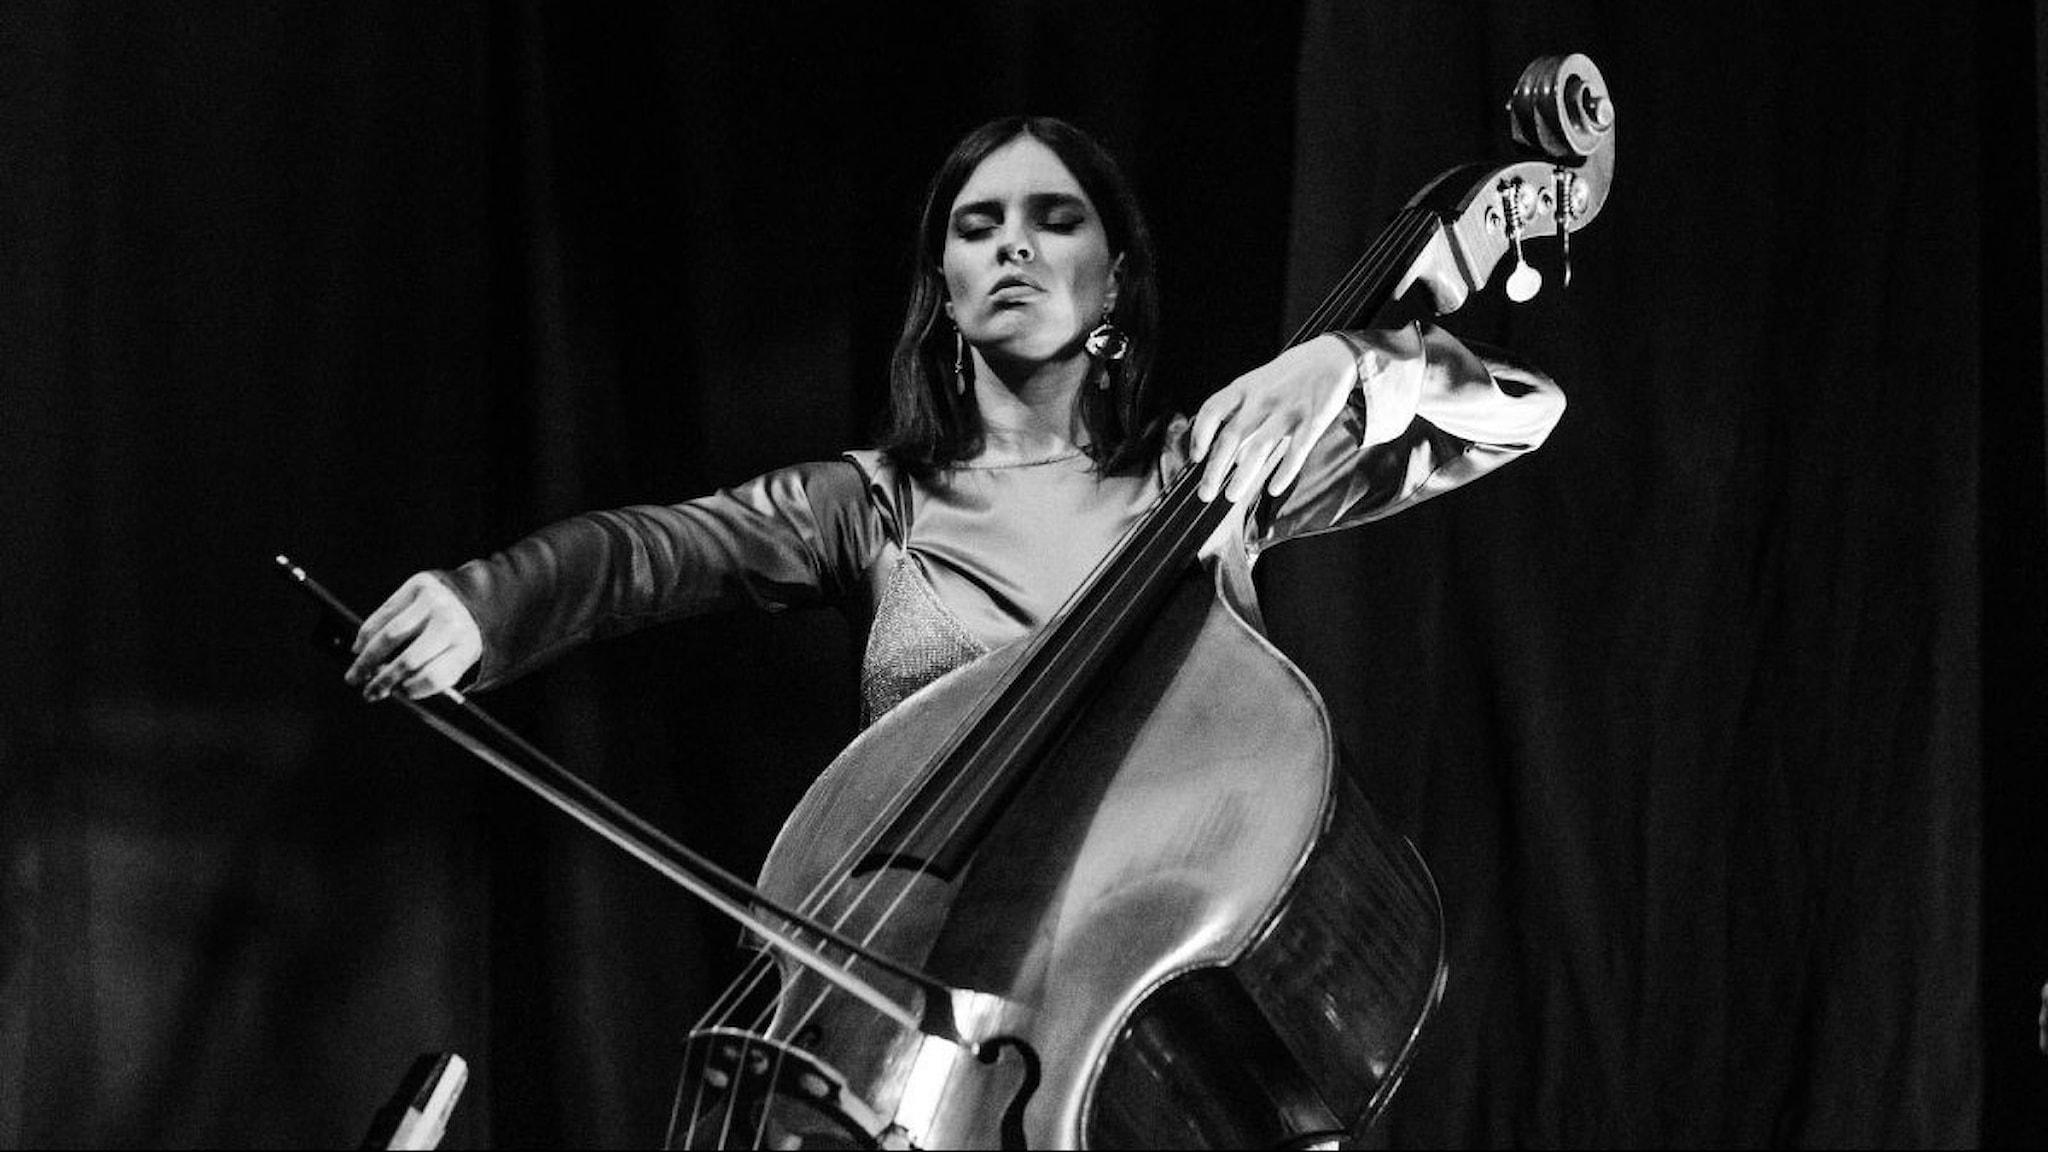 Bára Gisladóttir i svartvitt foto sitter ner och spelar på sin kontrabas.